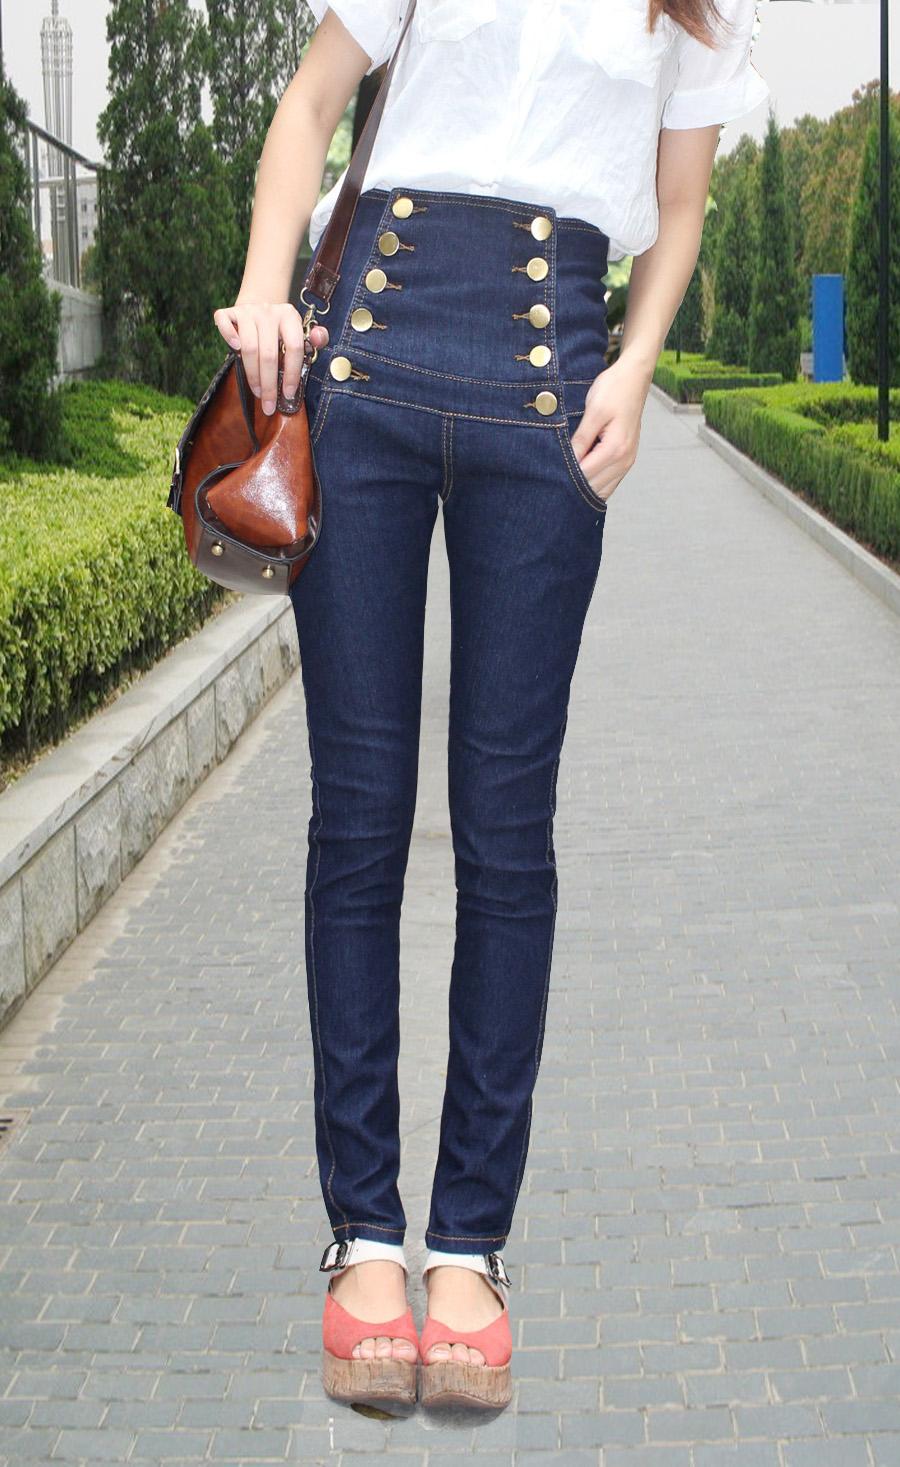 Джинсы женские Электронной почте осенью двубортный ретро высокой талии джинсы женские плюс размер карандаш брюки ноги штаны детей корейской версии тонкий